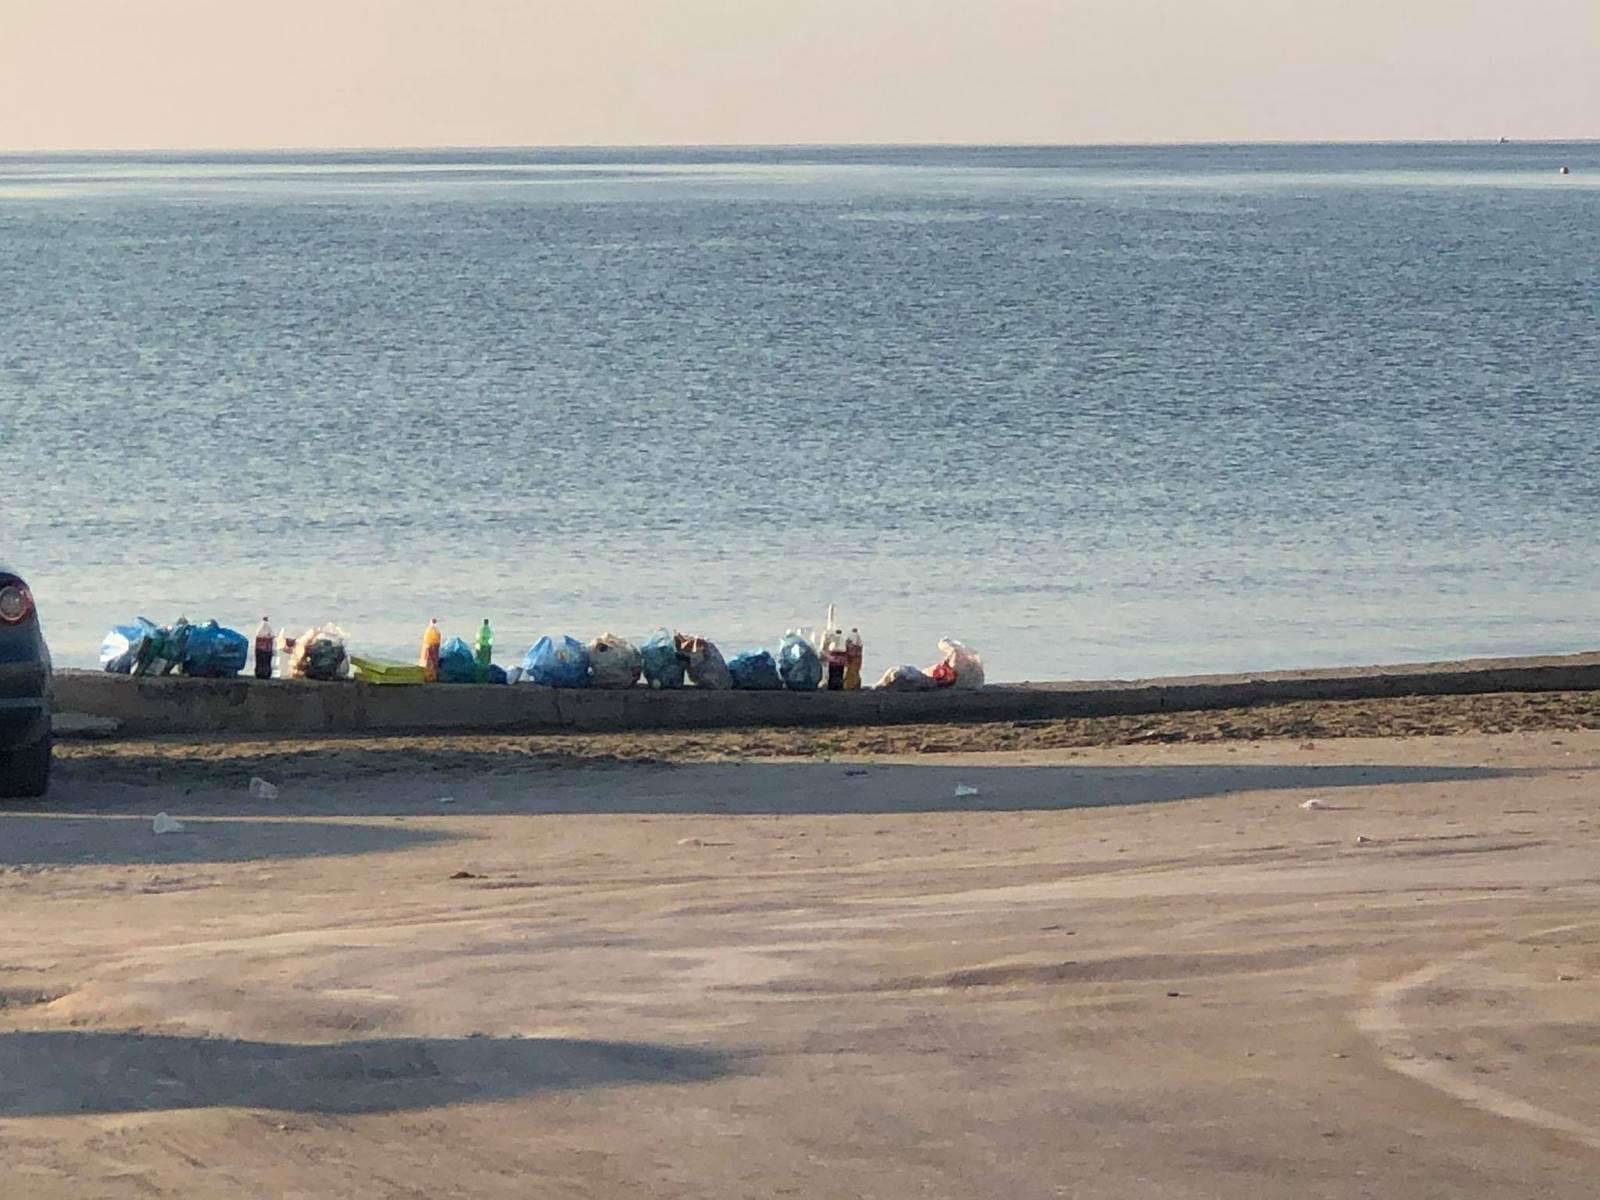 Ο κορονοϊός βλάπτει σοβαρά και την… καθαριότητα – Σκουπιδότοπος ο Λαγανάς γιατί διασκεδάζουν στο δρόμο!